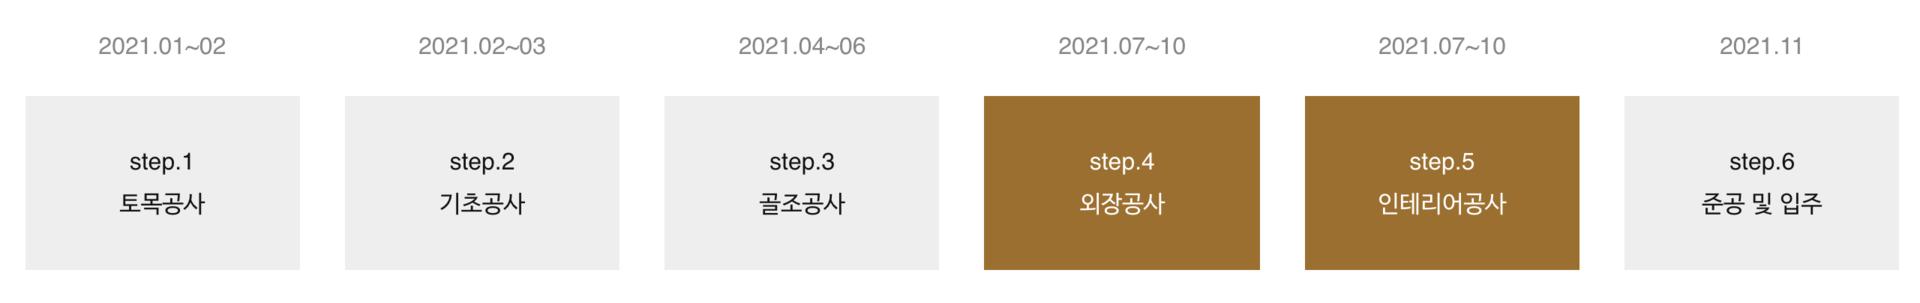 삼전동 슬로우밀리 611 - 8월 공사 진행 상황